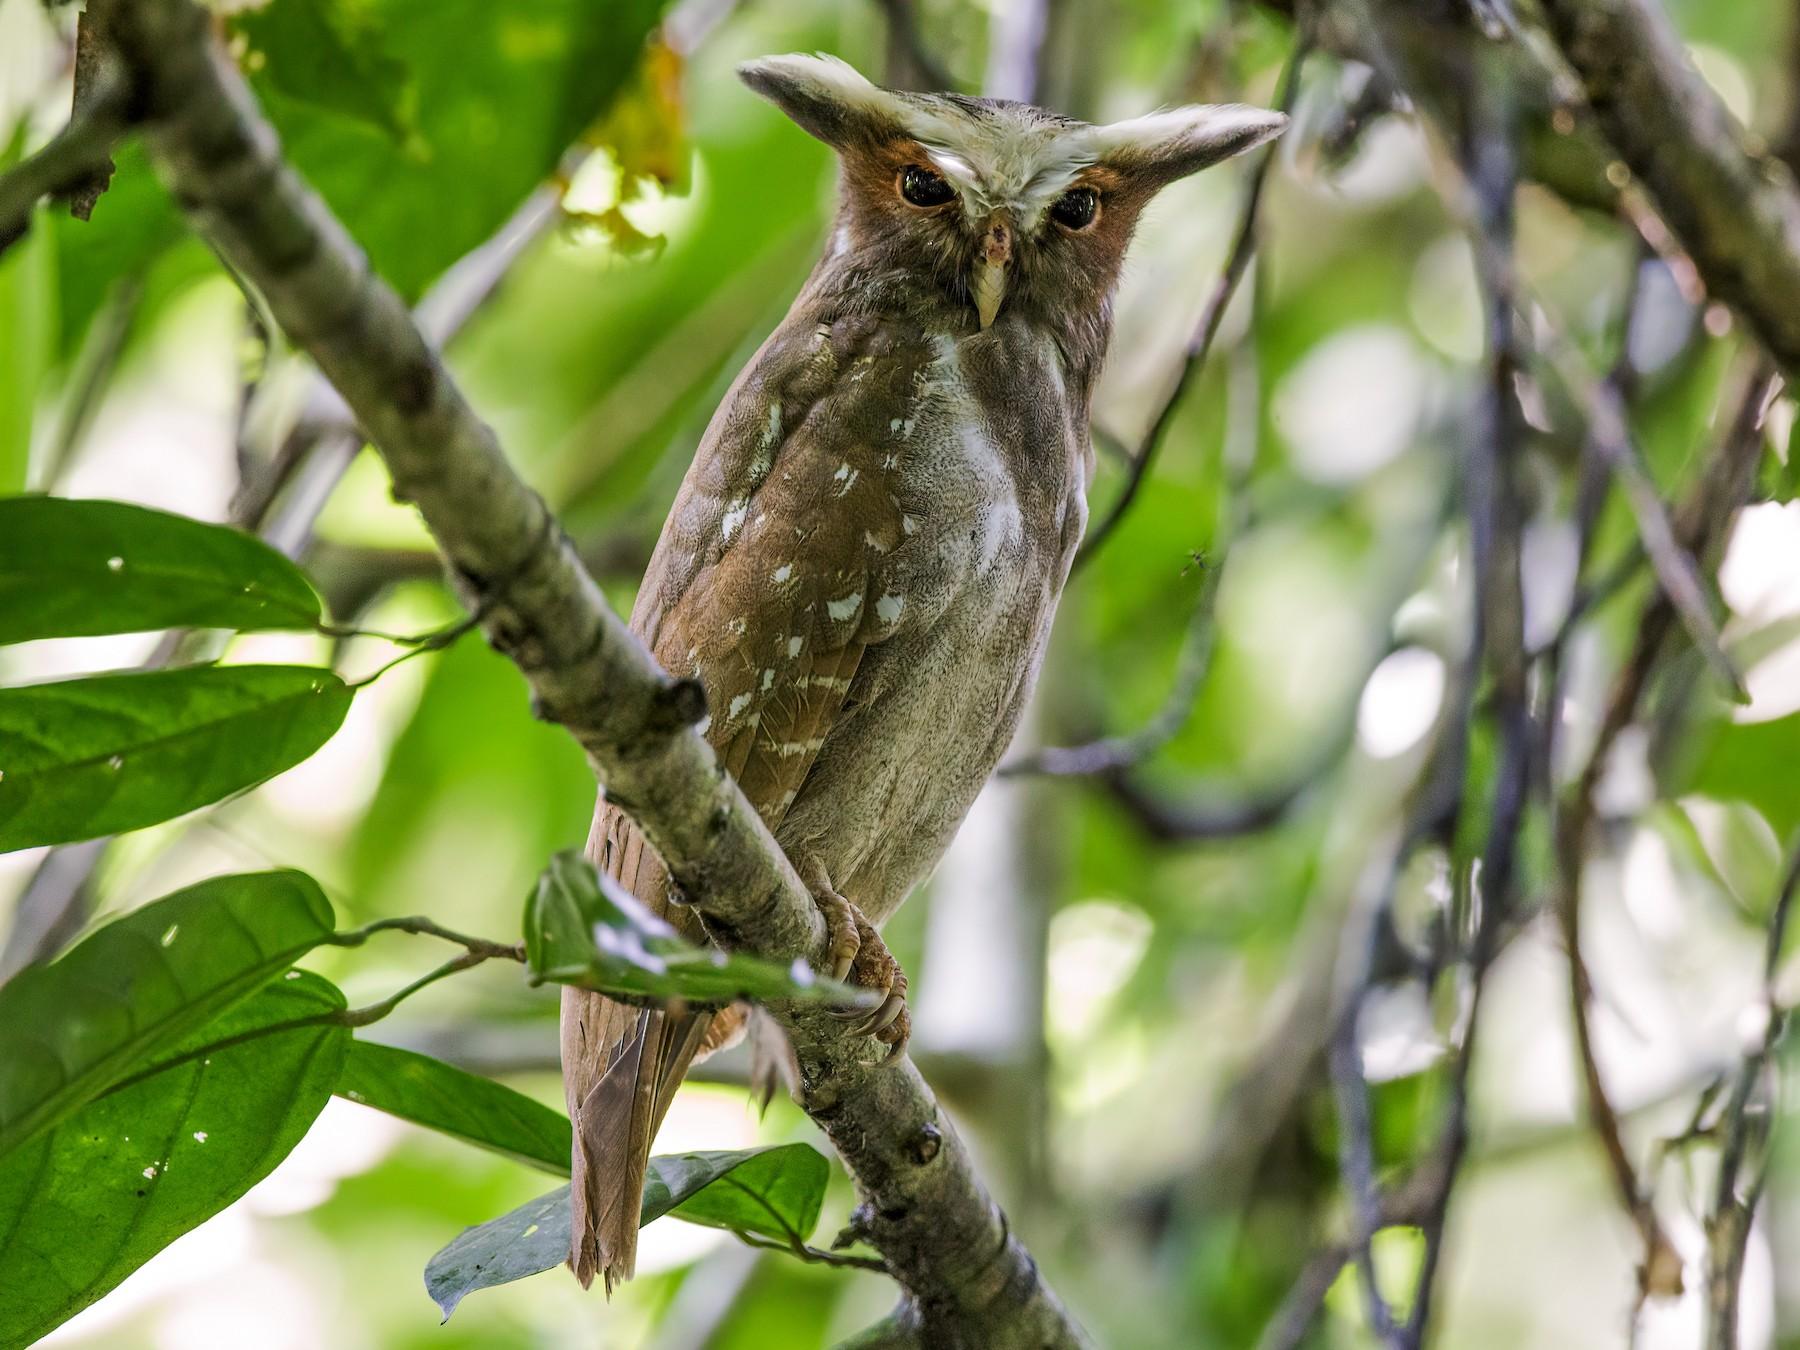 Crested Owl - Nick Athanas